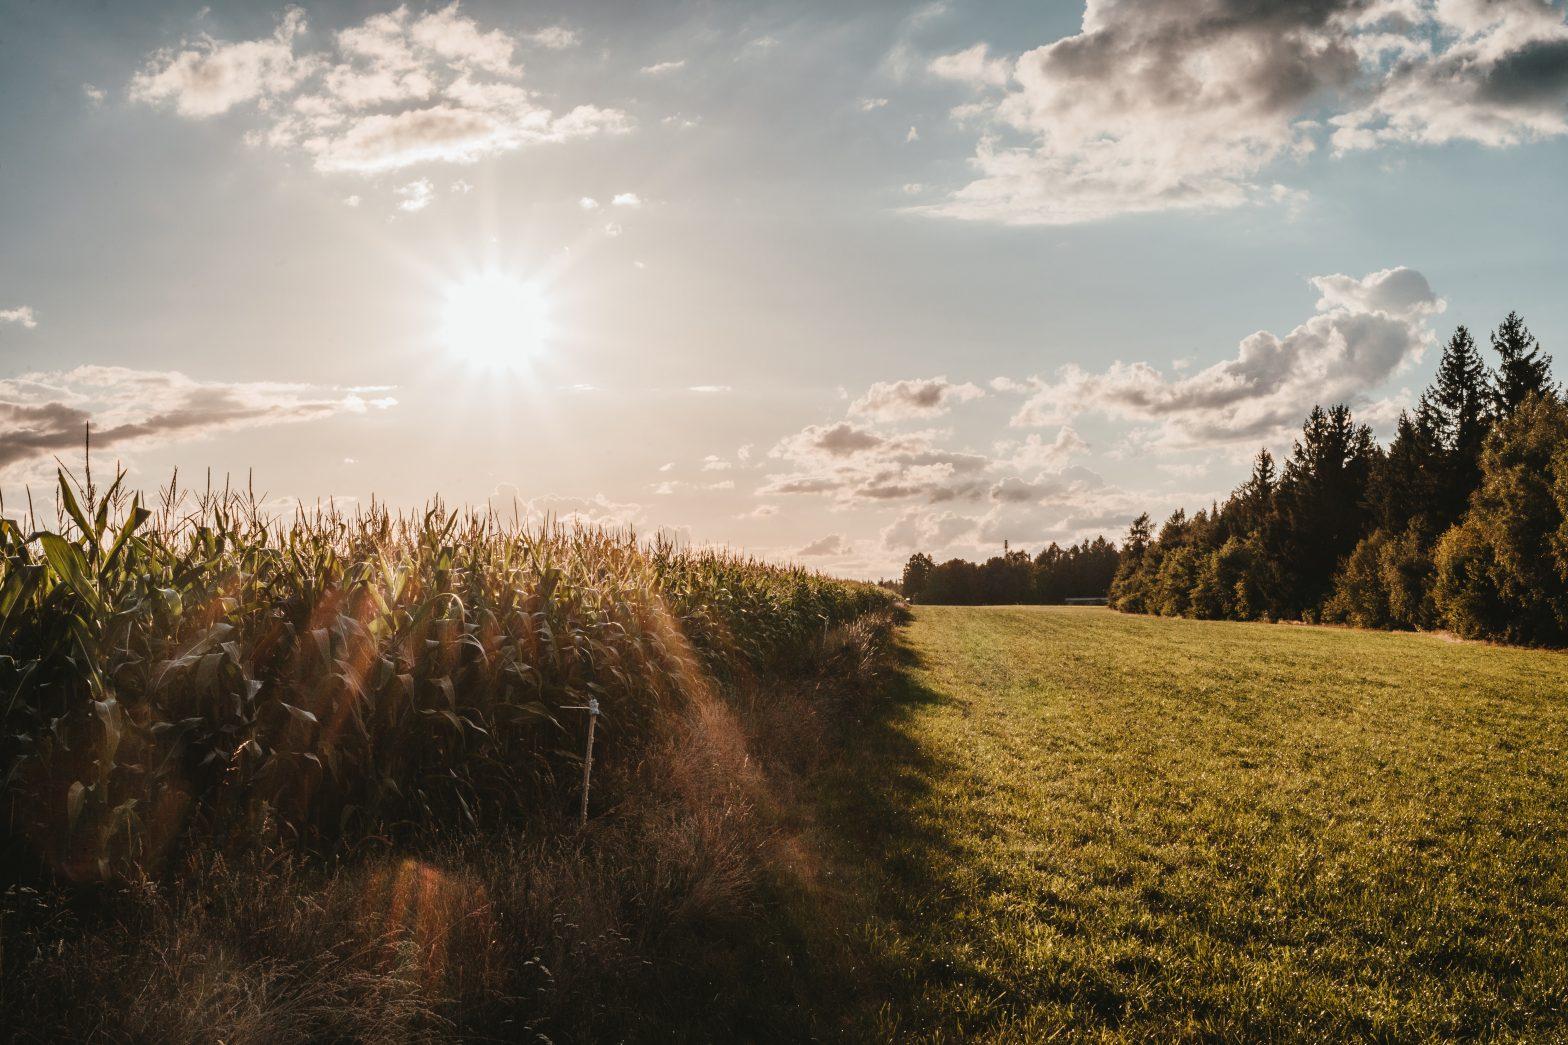 Agricoltura e Legge di bilancio 2021: proroghe, rifinanziamento fondi e qualche novità per le imprese agricole